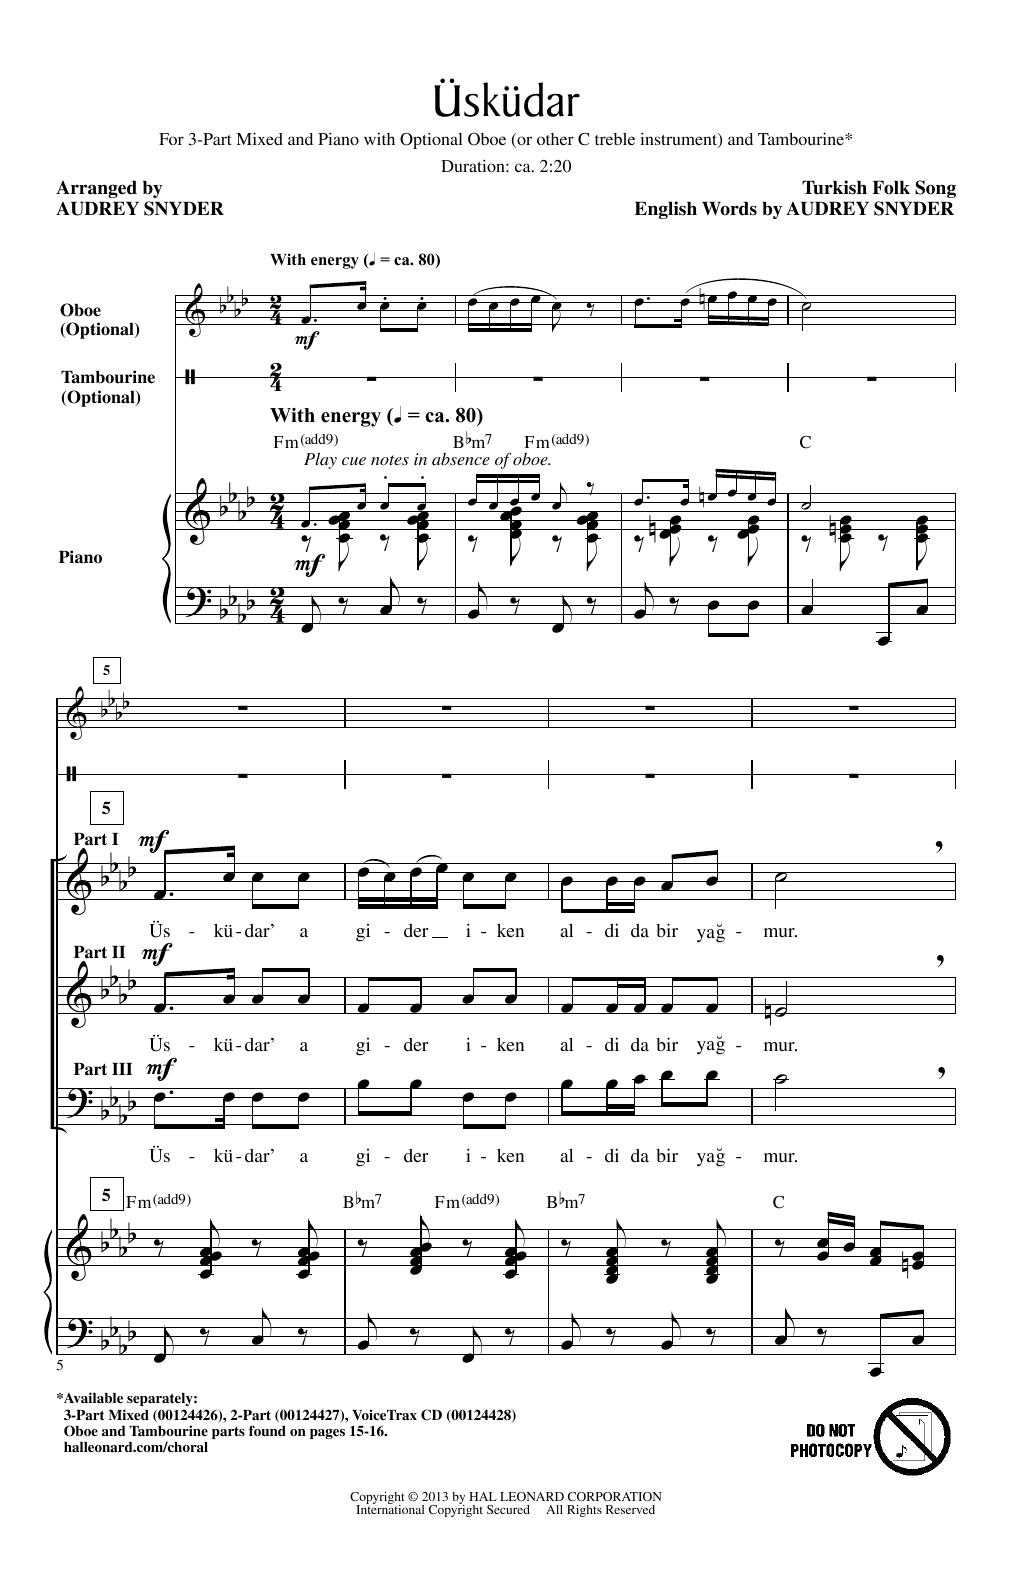 Uskudar (arr. Audrey Snyder) Sheet Music